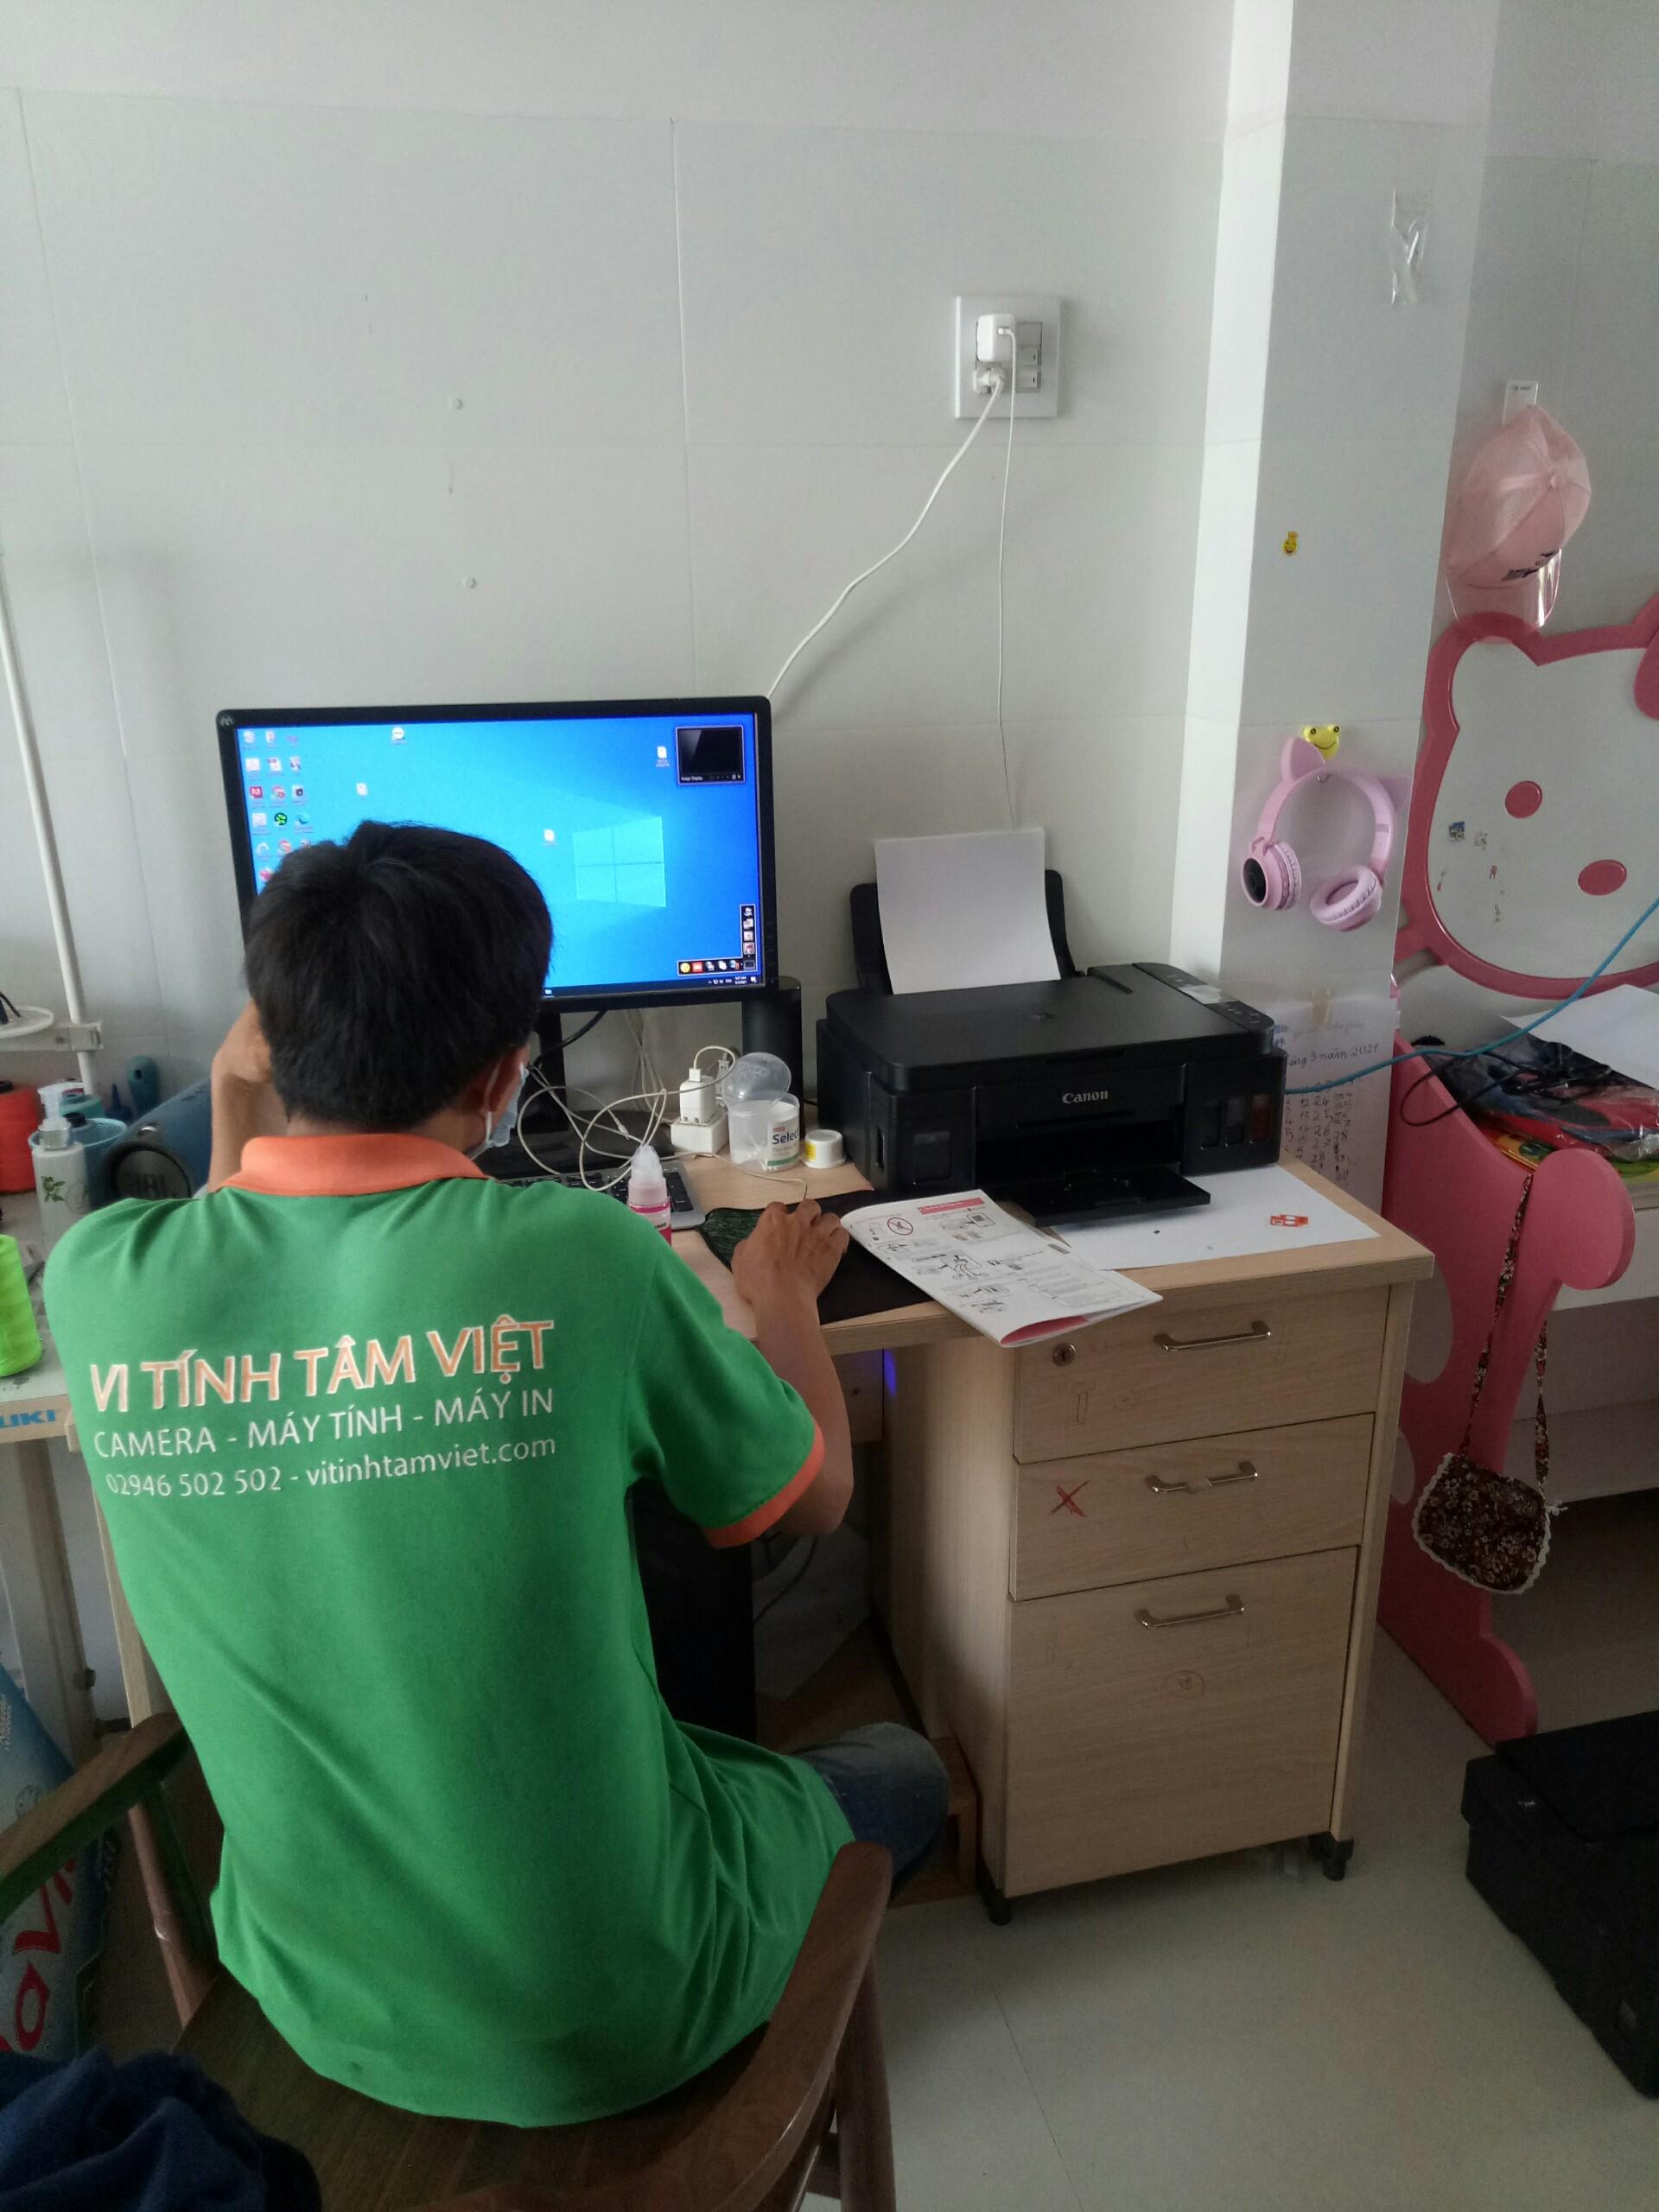 Máy tính dùng cho Thiết kế đồ họa, Thiết kế Quảng cáo, Game thủ